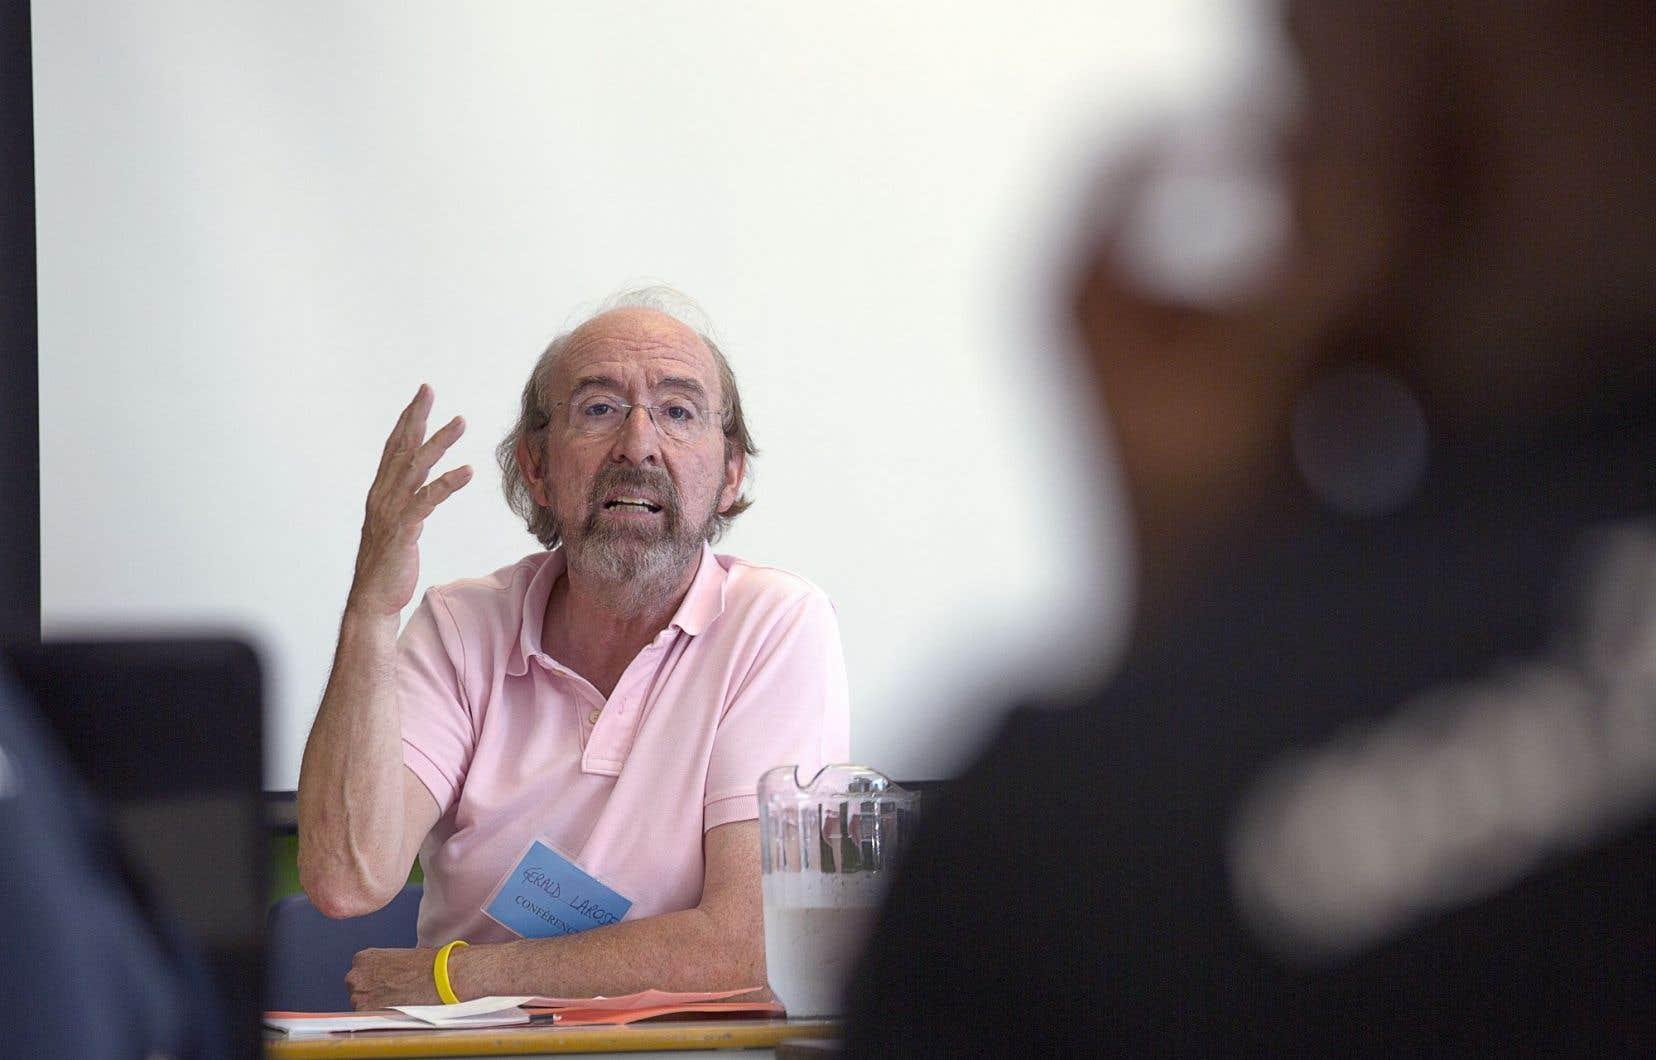 Le français, en 2016, n'est plus la langue commune au Québec, écrit Gérald Larose.